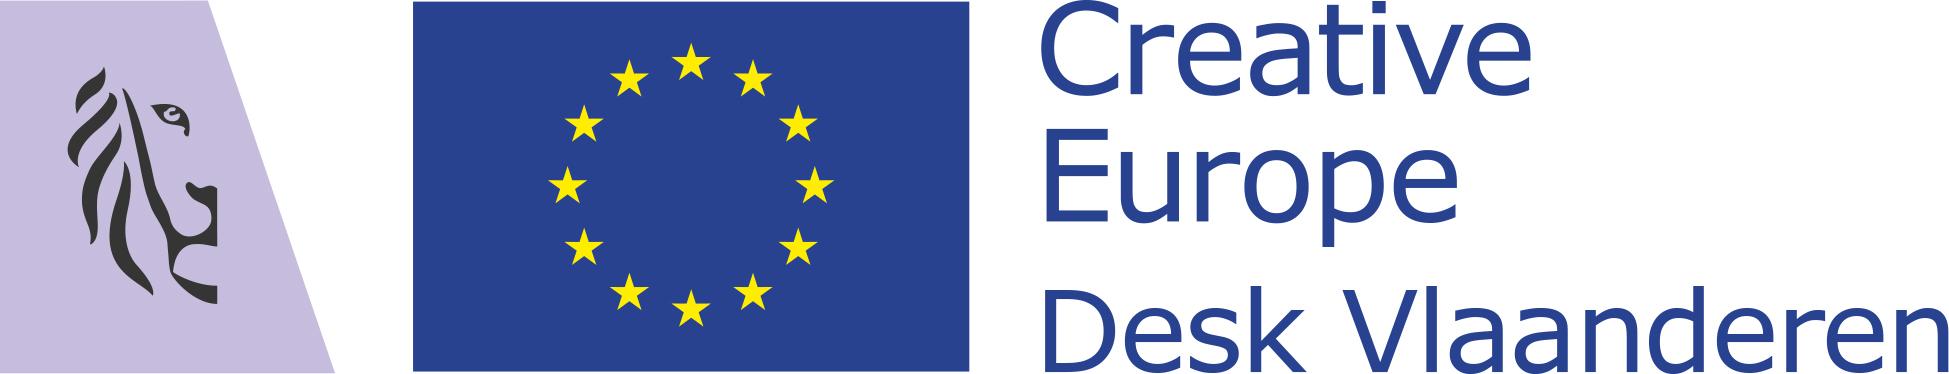 Logo Creative Europe Desk Vlaanderen